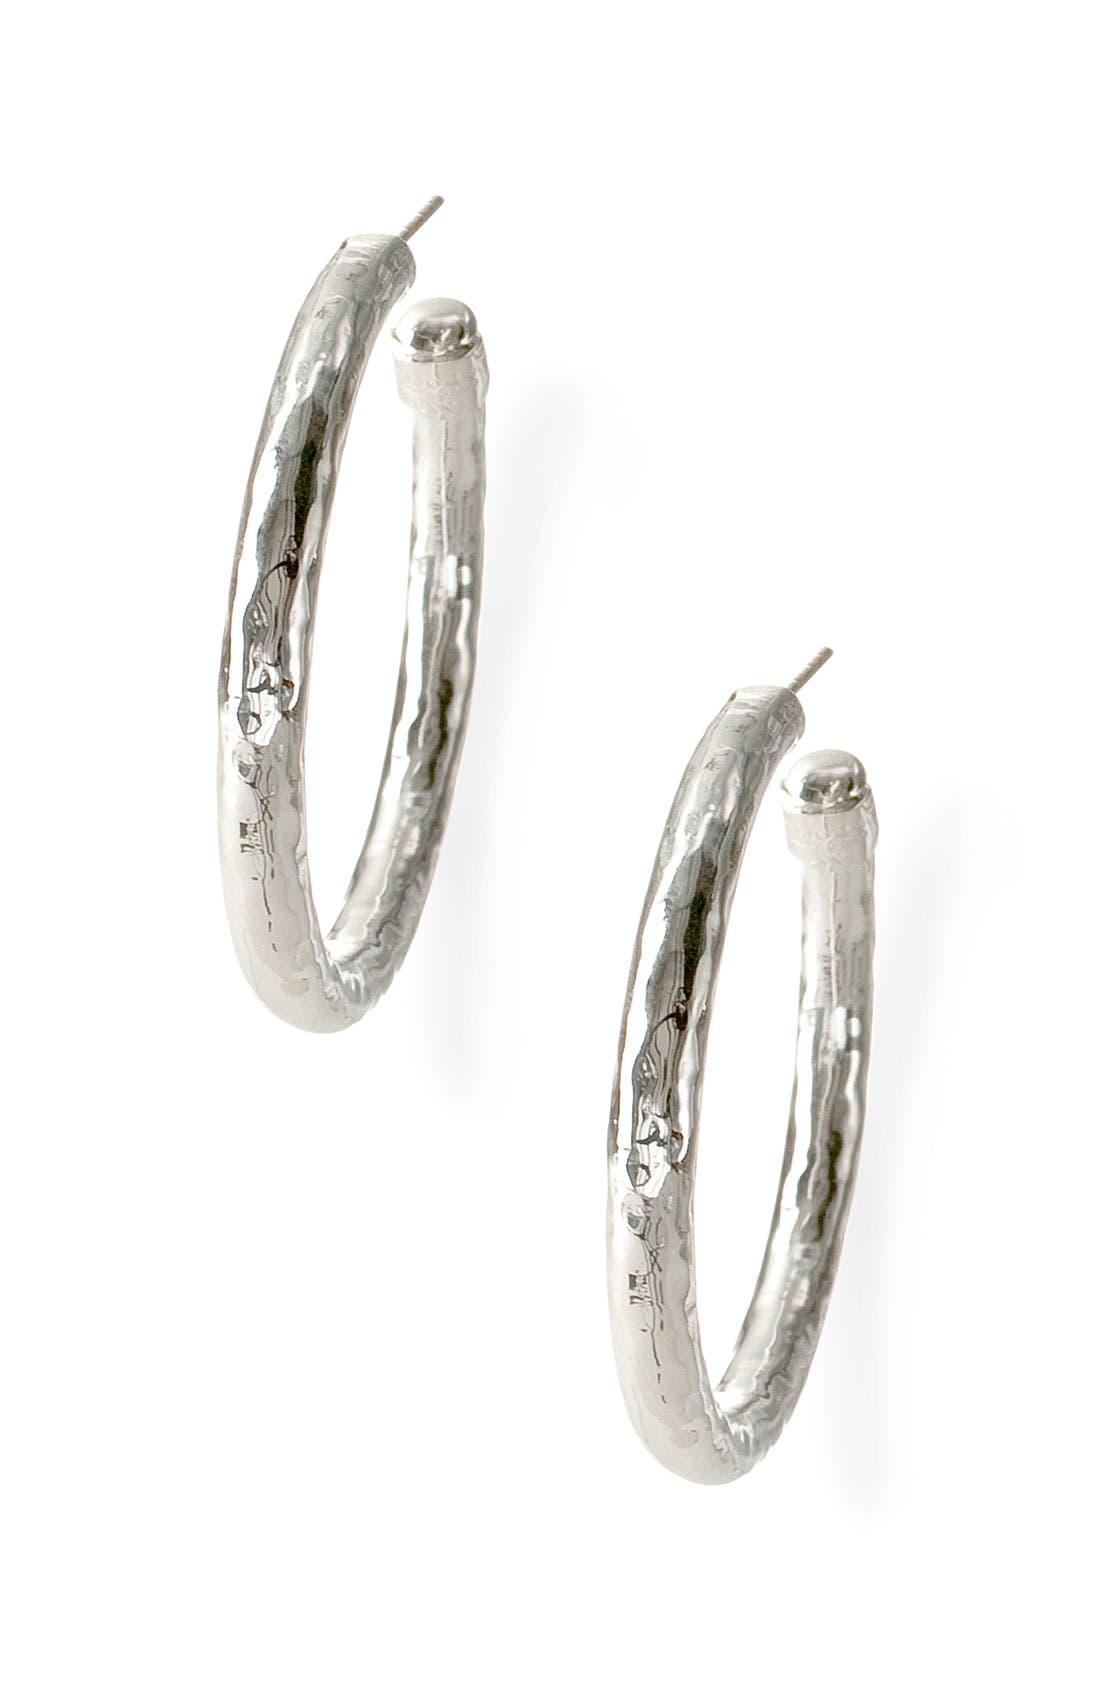 Alternate Image 1 Selected - Ippolita 'Glamazon - Number 3' Skinny Hammered Hoop Earrings